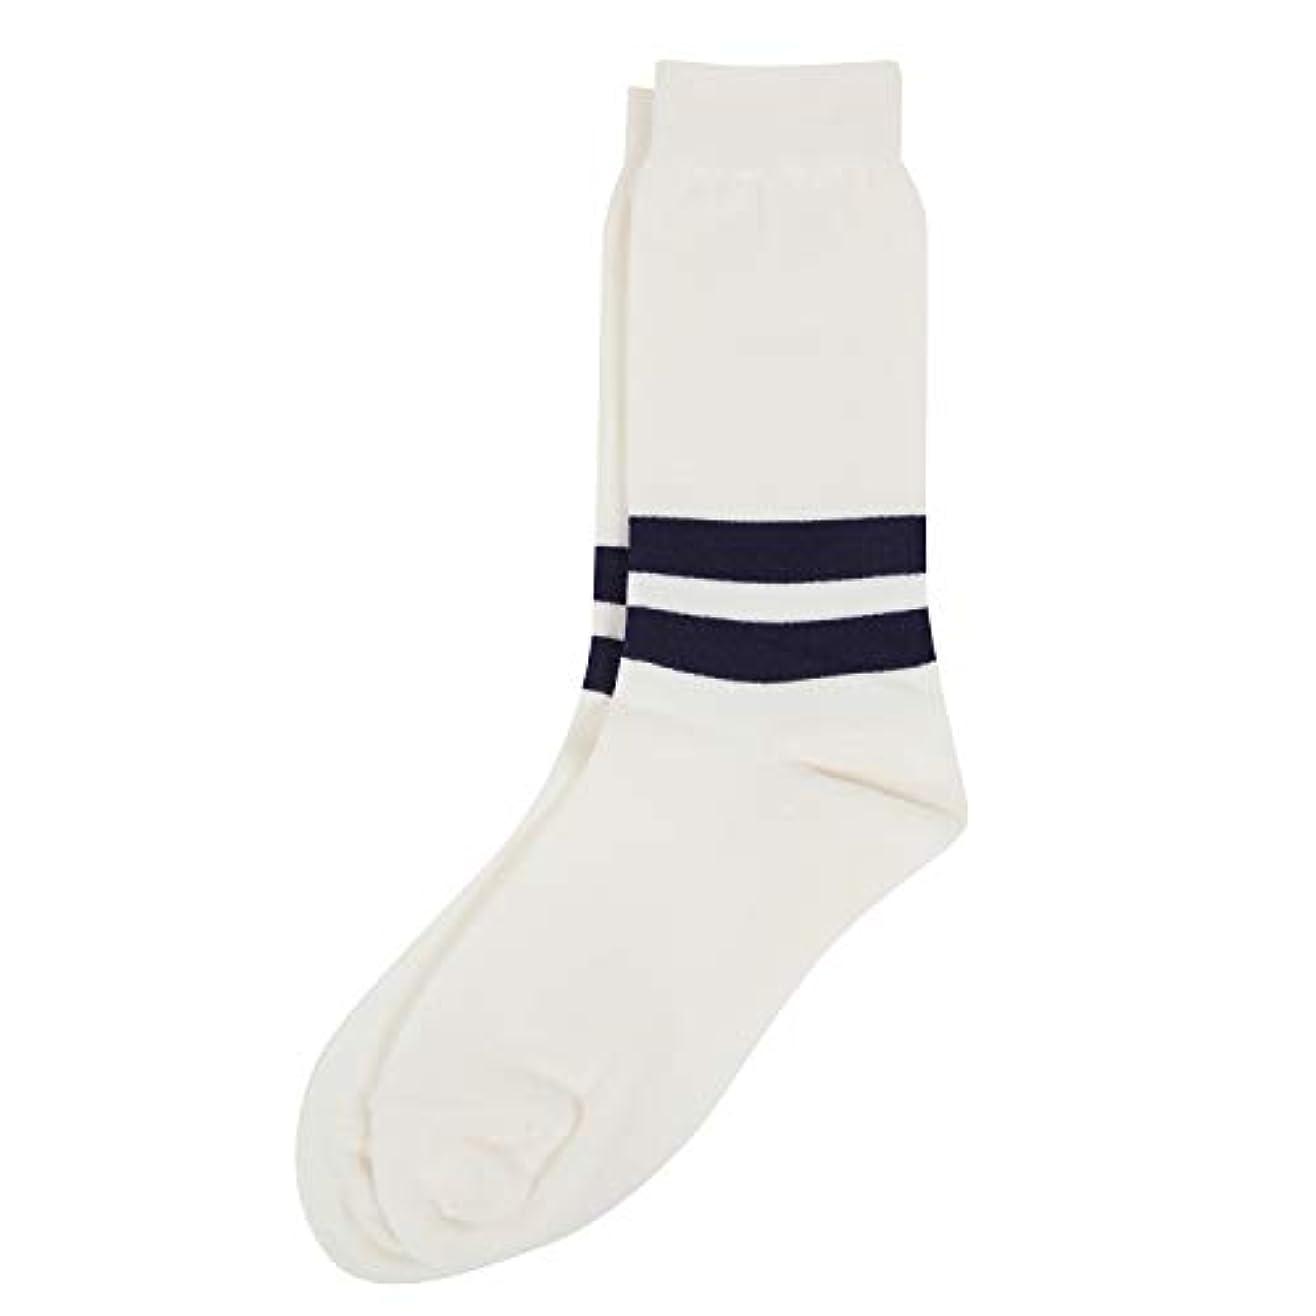 厚い観察狂人Deol(デオル) ラインソックス 男性用 メンズ [足のニオイ対策] 長期間持続 日本製 無地 靴下 白 25cm-27cm